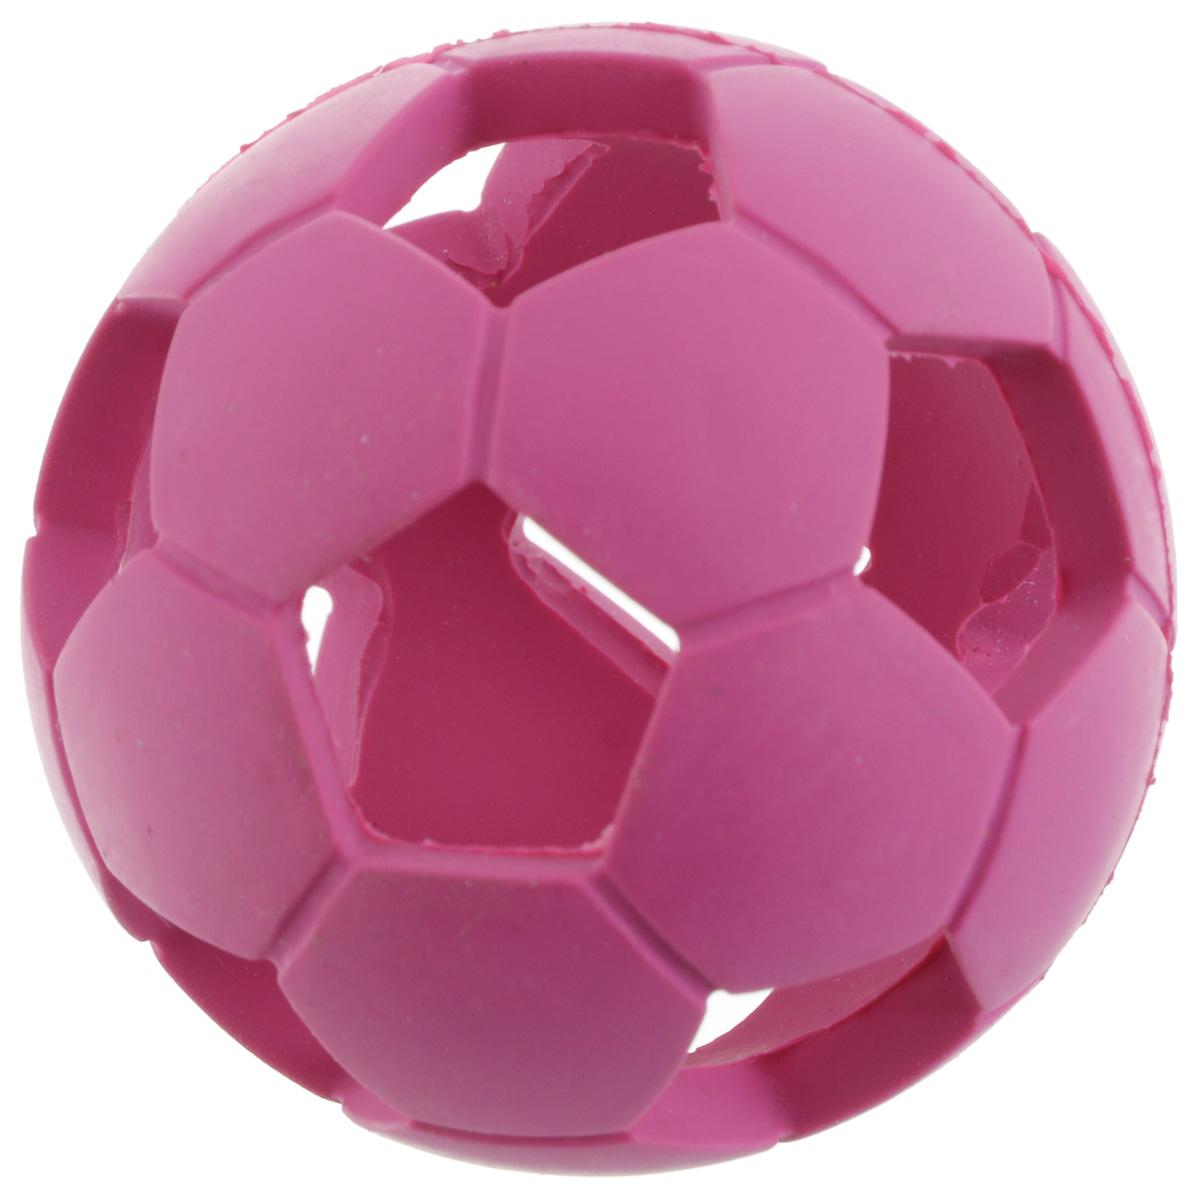 Игрушка для собак V.I.Pet Мяч футбольный, диаметр 5,5 смAS02BИгрушка для собак V.I.Pet Мяч футбольный изготовлена из натурального каучука - абсолютно нетоксичного и безопасного. С этой игрушкой с удовольствием будут играть и щенки, и взрослые собаки. Мягкая и пружинистая игрушка может быть использована для игр как в помещении, так и на улице. Положите внутрь игрушки небольшой кусочек лакомства и ваш питомец будет с интересом и азартом играть до тех пор, пока не достанет заслуженную награду.Диаметр игрушки: 5,5 см.